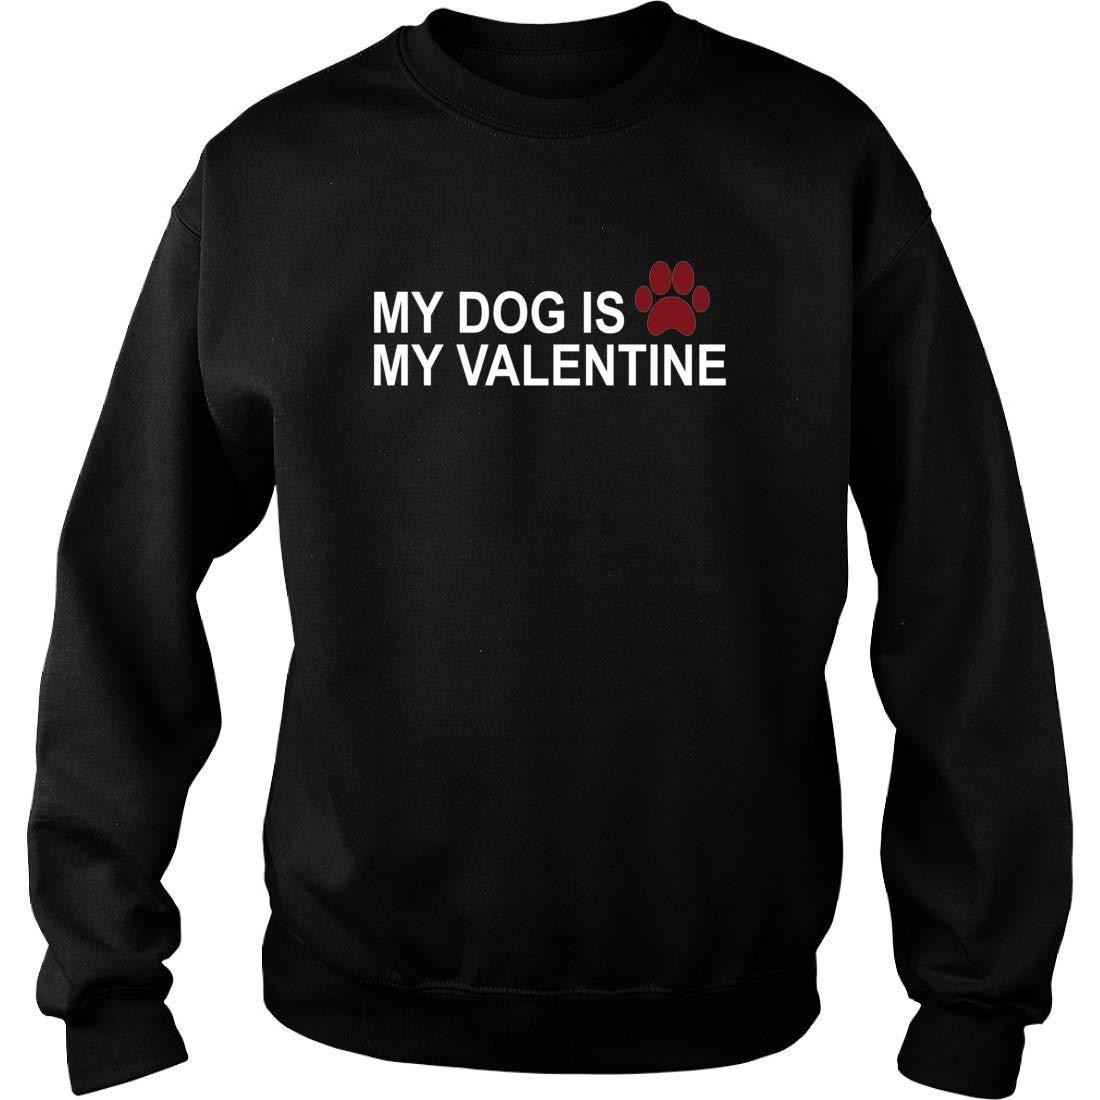 8eaabe81506c Amazon.com: Bama Proud My Dog is My Valentine Sweater (Unisex) Anti Valentines  Day Dog Lovers Sweatshirt Gifts Black: Clothing